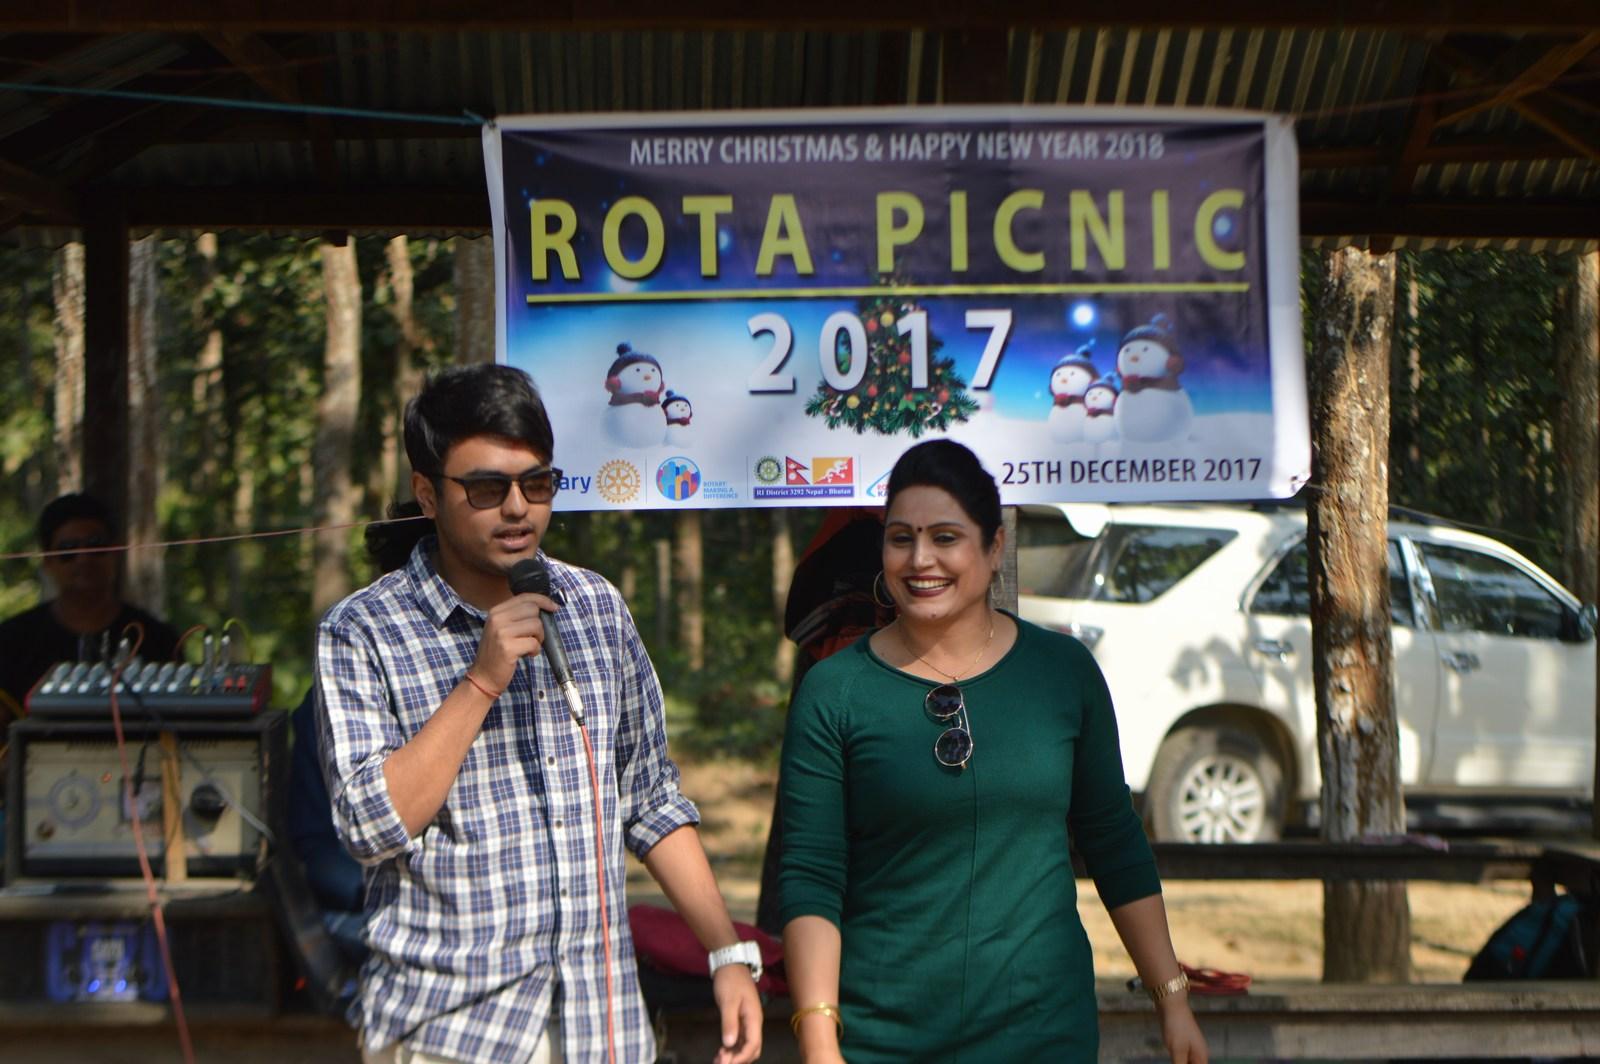 Rota-Picnic-2017-Rotary-Club-of-Kakarvitta-72